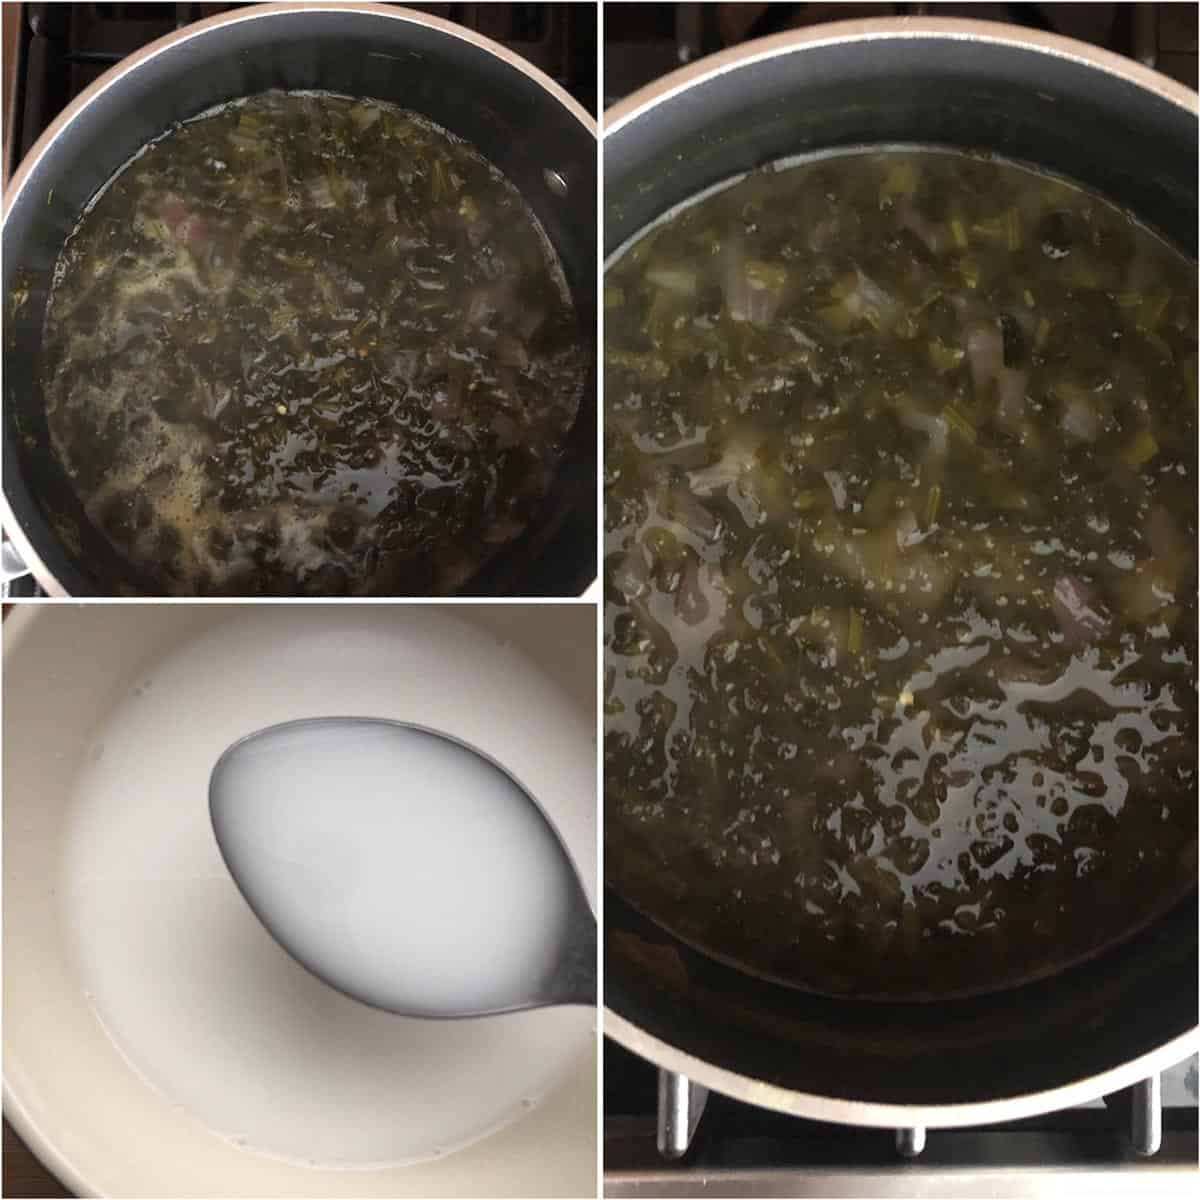 adding rice flour slurry to the pot